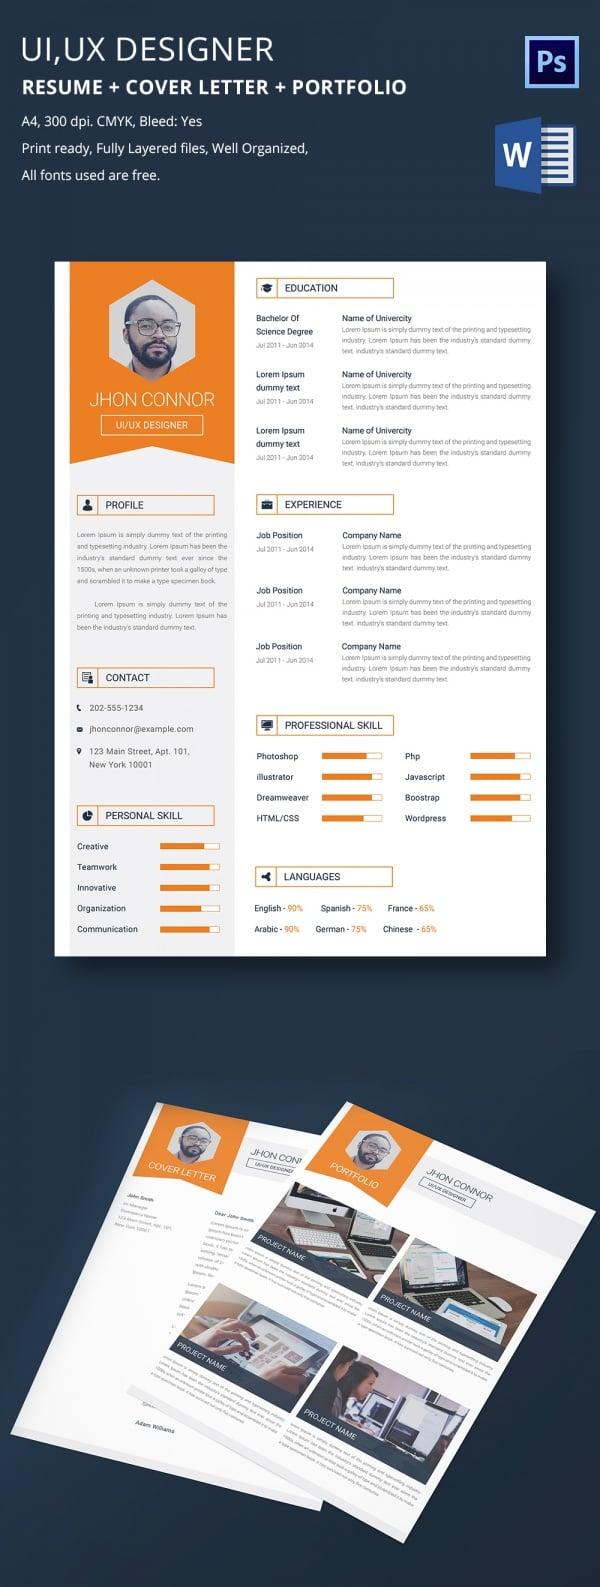 Amazing Web Designer Resume + Cover Letter + Portfolio Template U2013 Atalaiadebrasilia